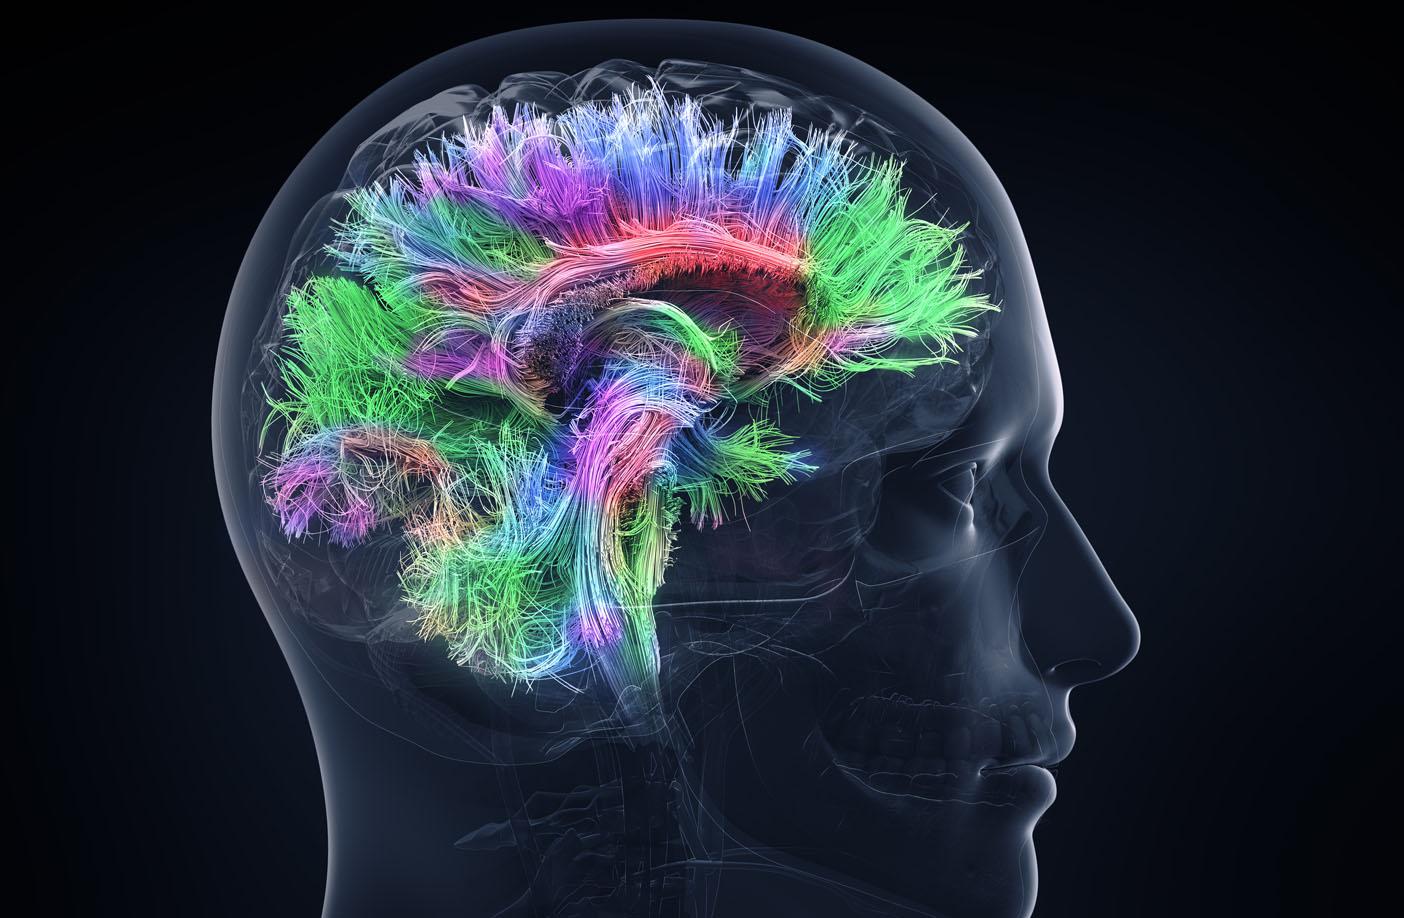 Régler les implants cochléaires via l'enregistrement de l'activité cérébrale sera bientôt possible